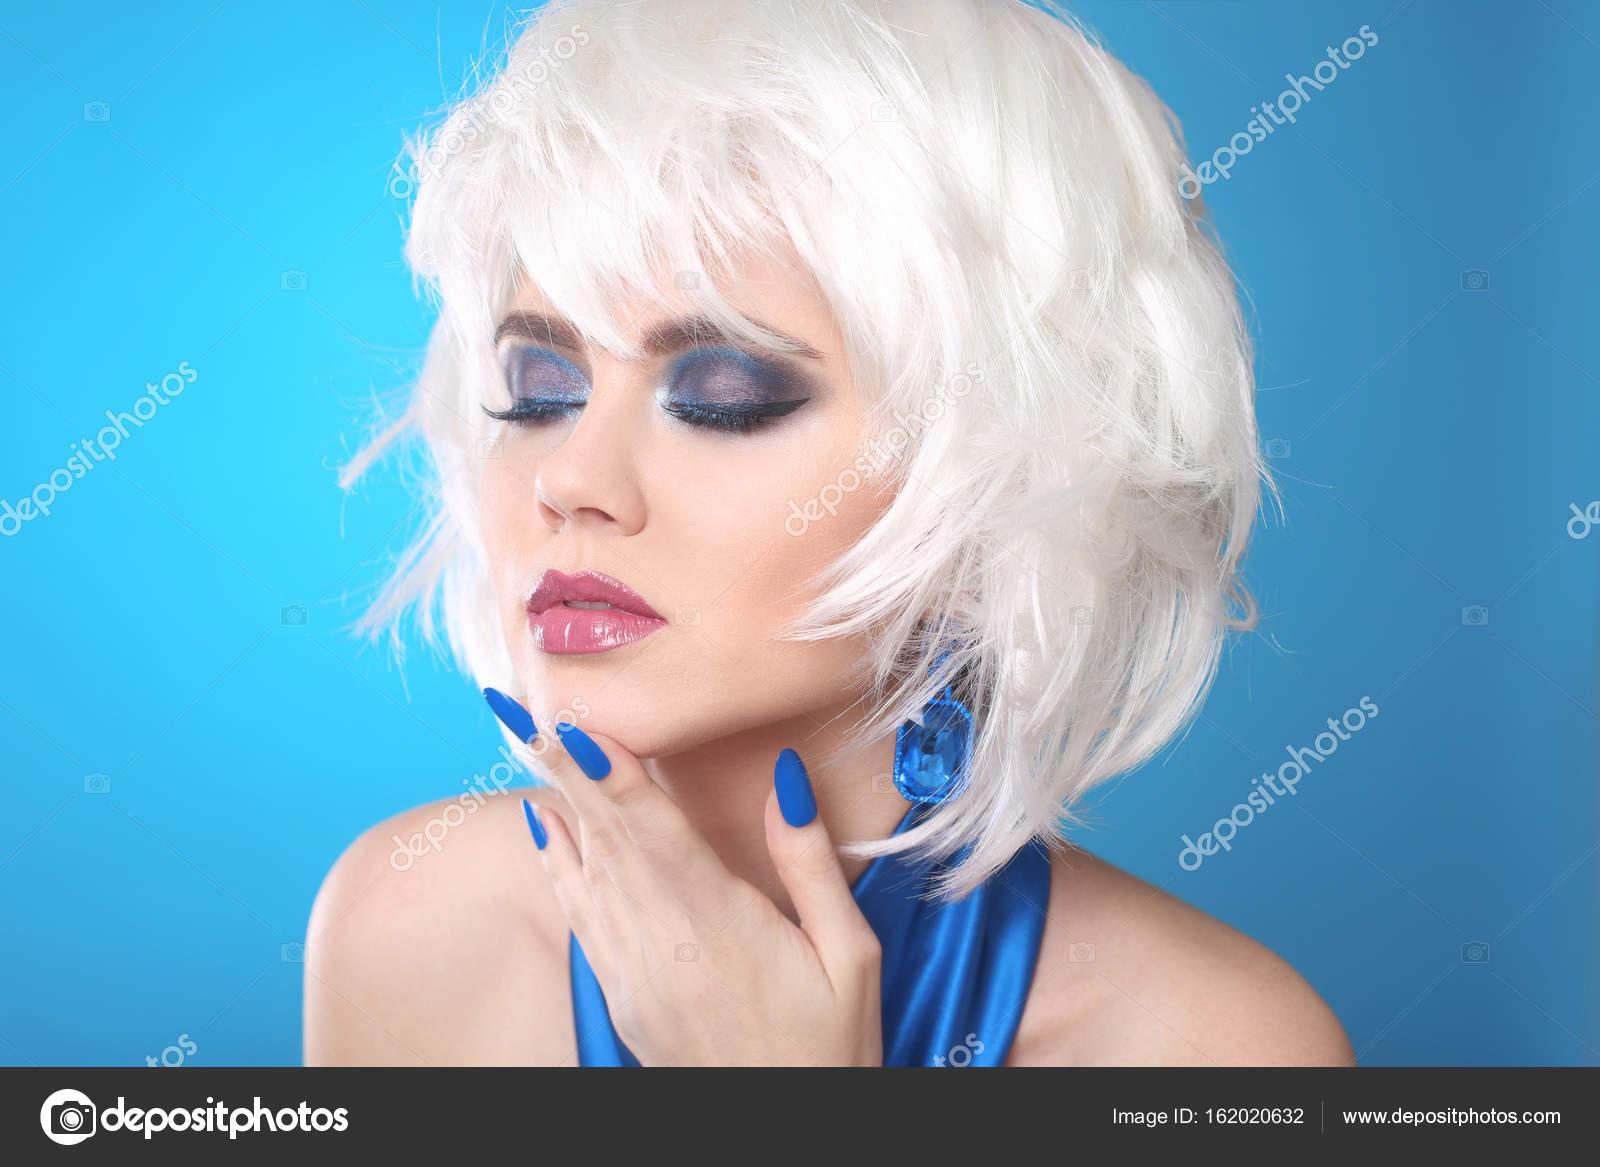 5b155e8bb Moda ragazza Bob biondo. Bianco capelli corti. Trucco di bellezza della  donna del ritratto. Blue unghie curate. Viso da vicino. Taglio di capelli.  Frangia.